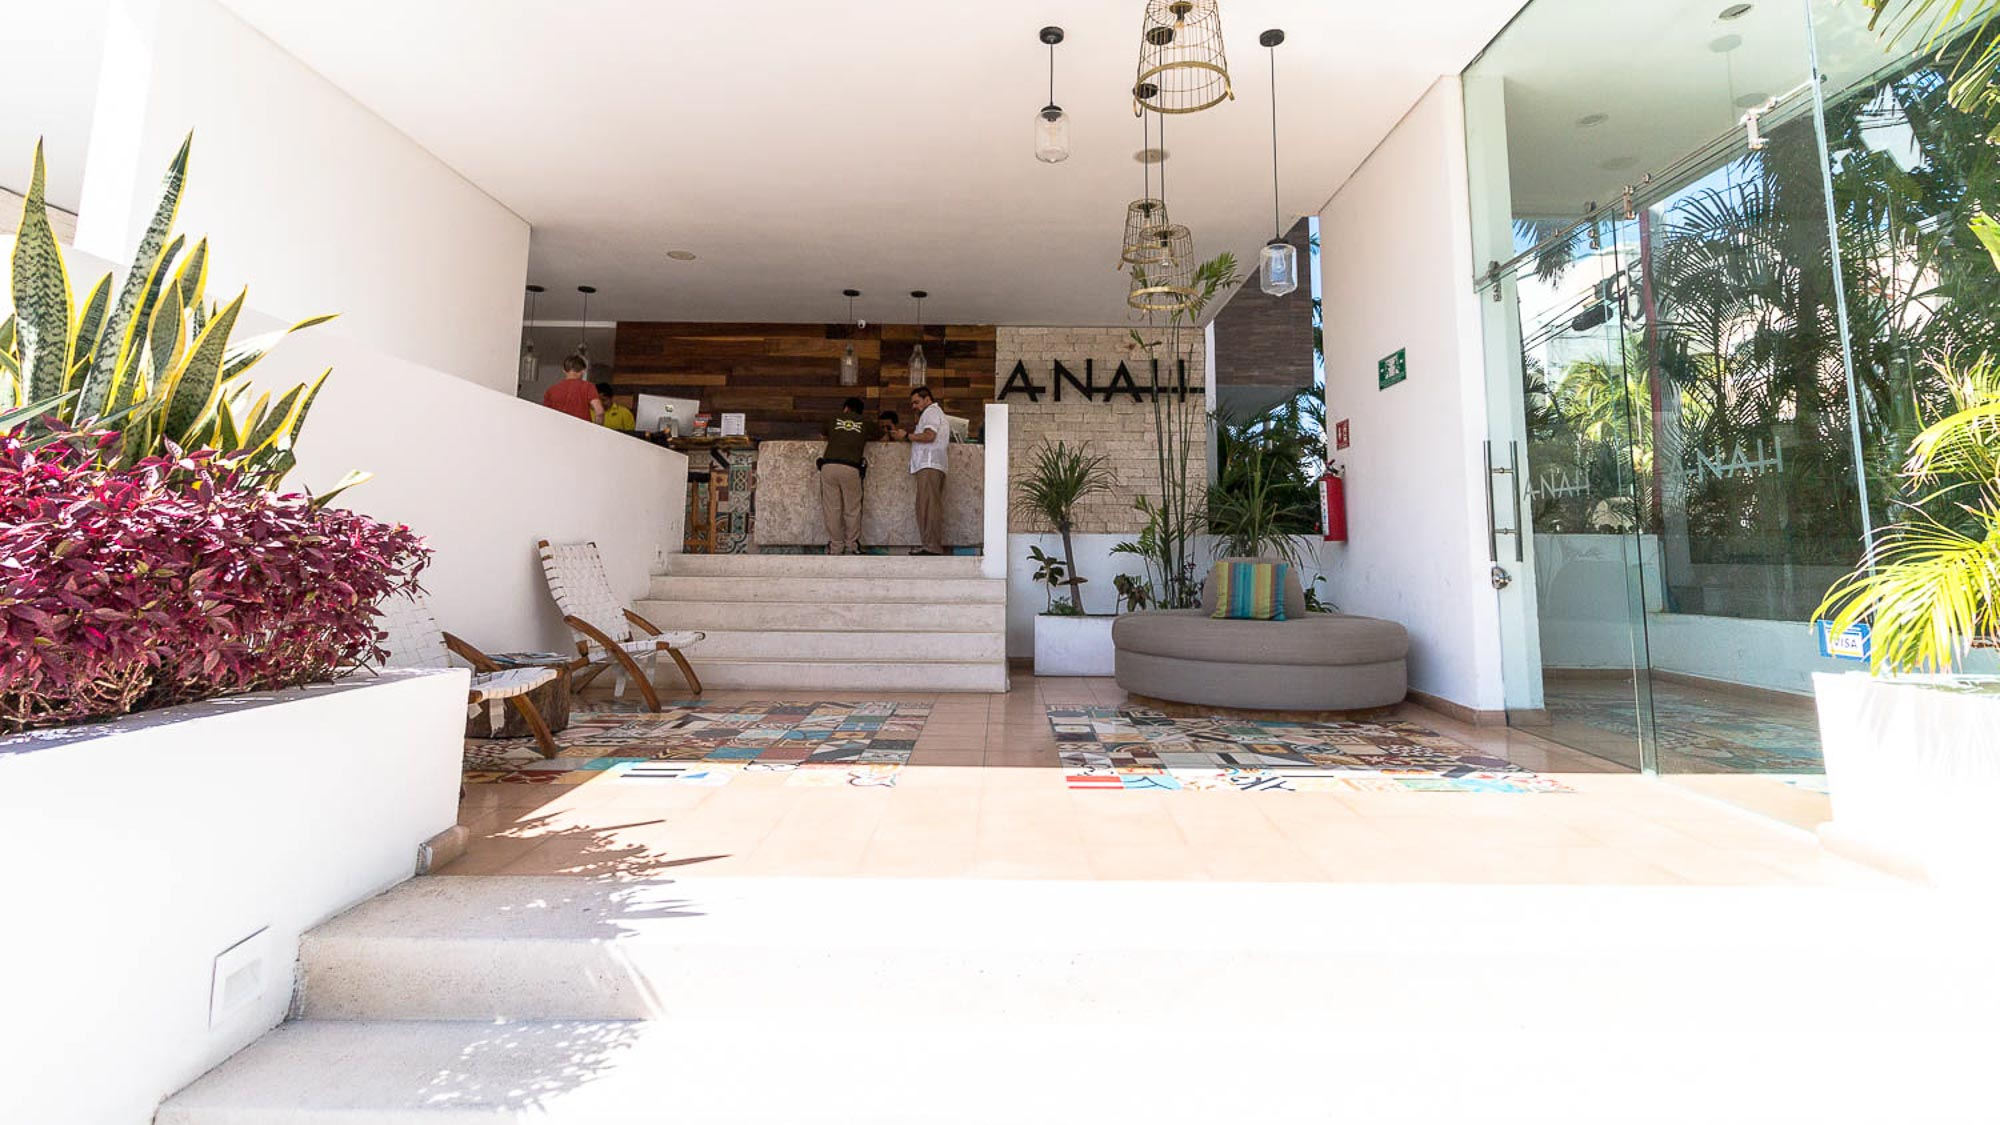 2-br-condo-playa-del-carmen-Anah-Exterior